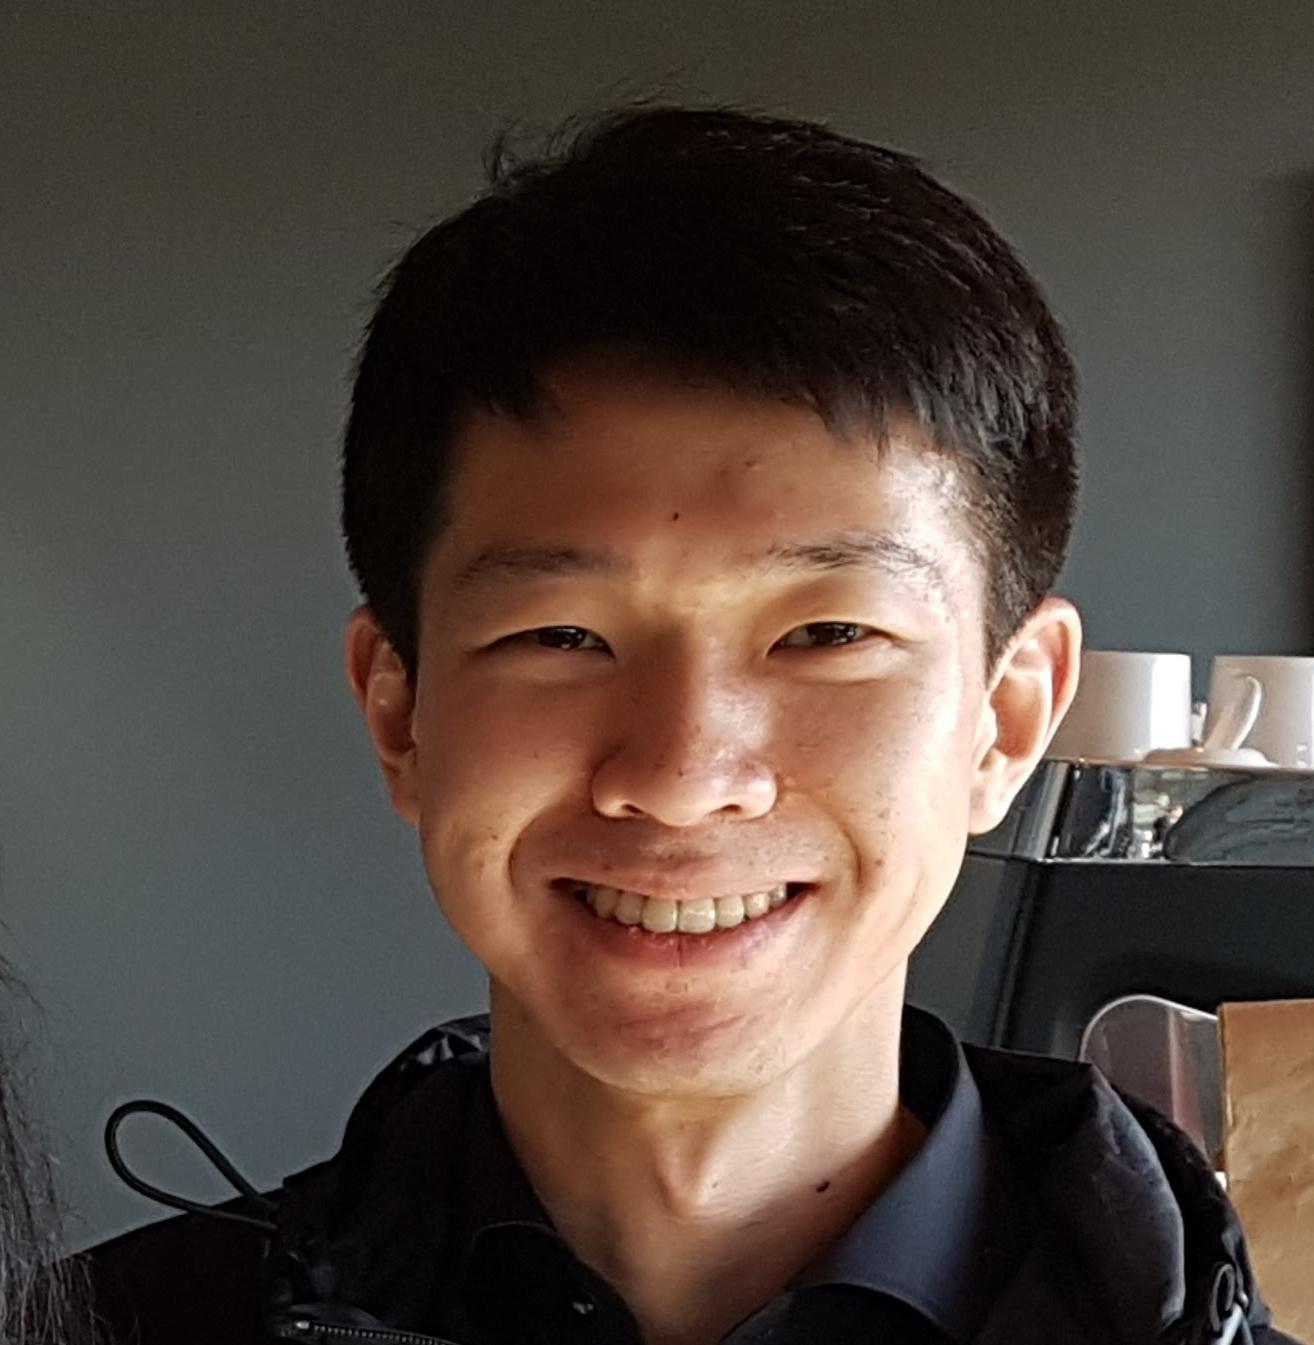 David Kim - Calgary, Alberta